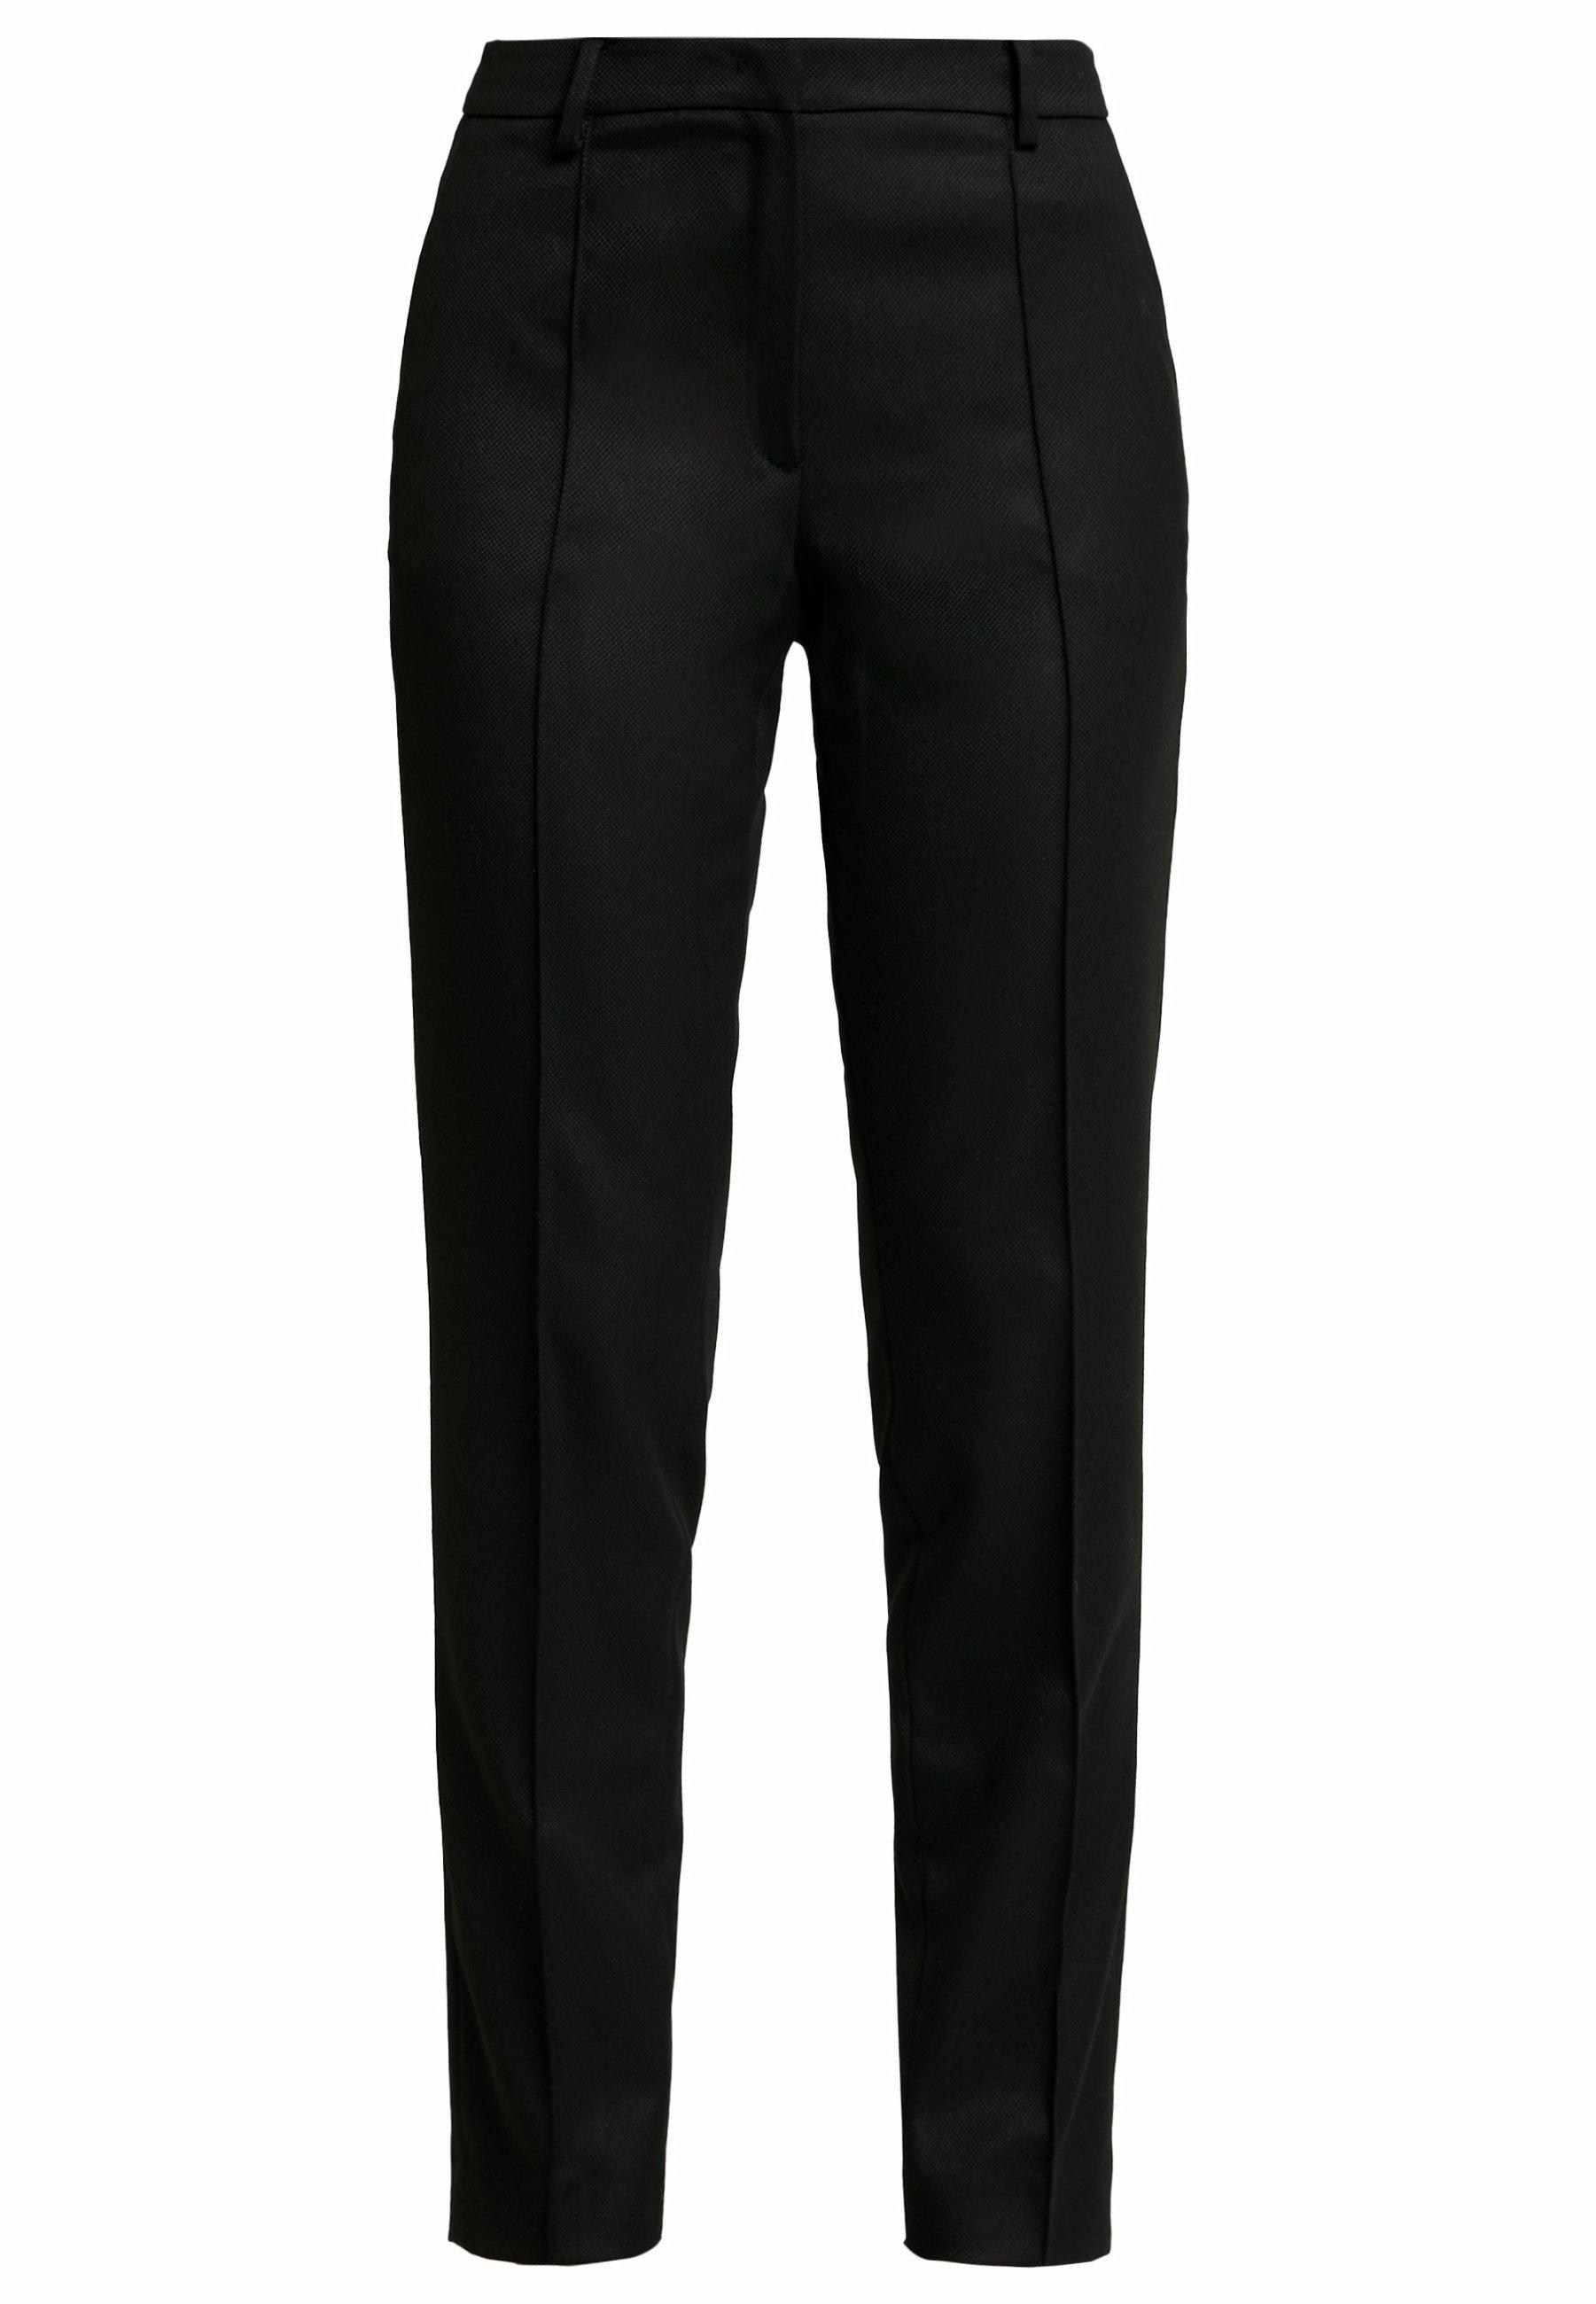 More & Trouser - Tygbyxor Black